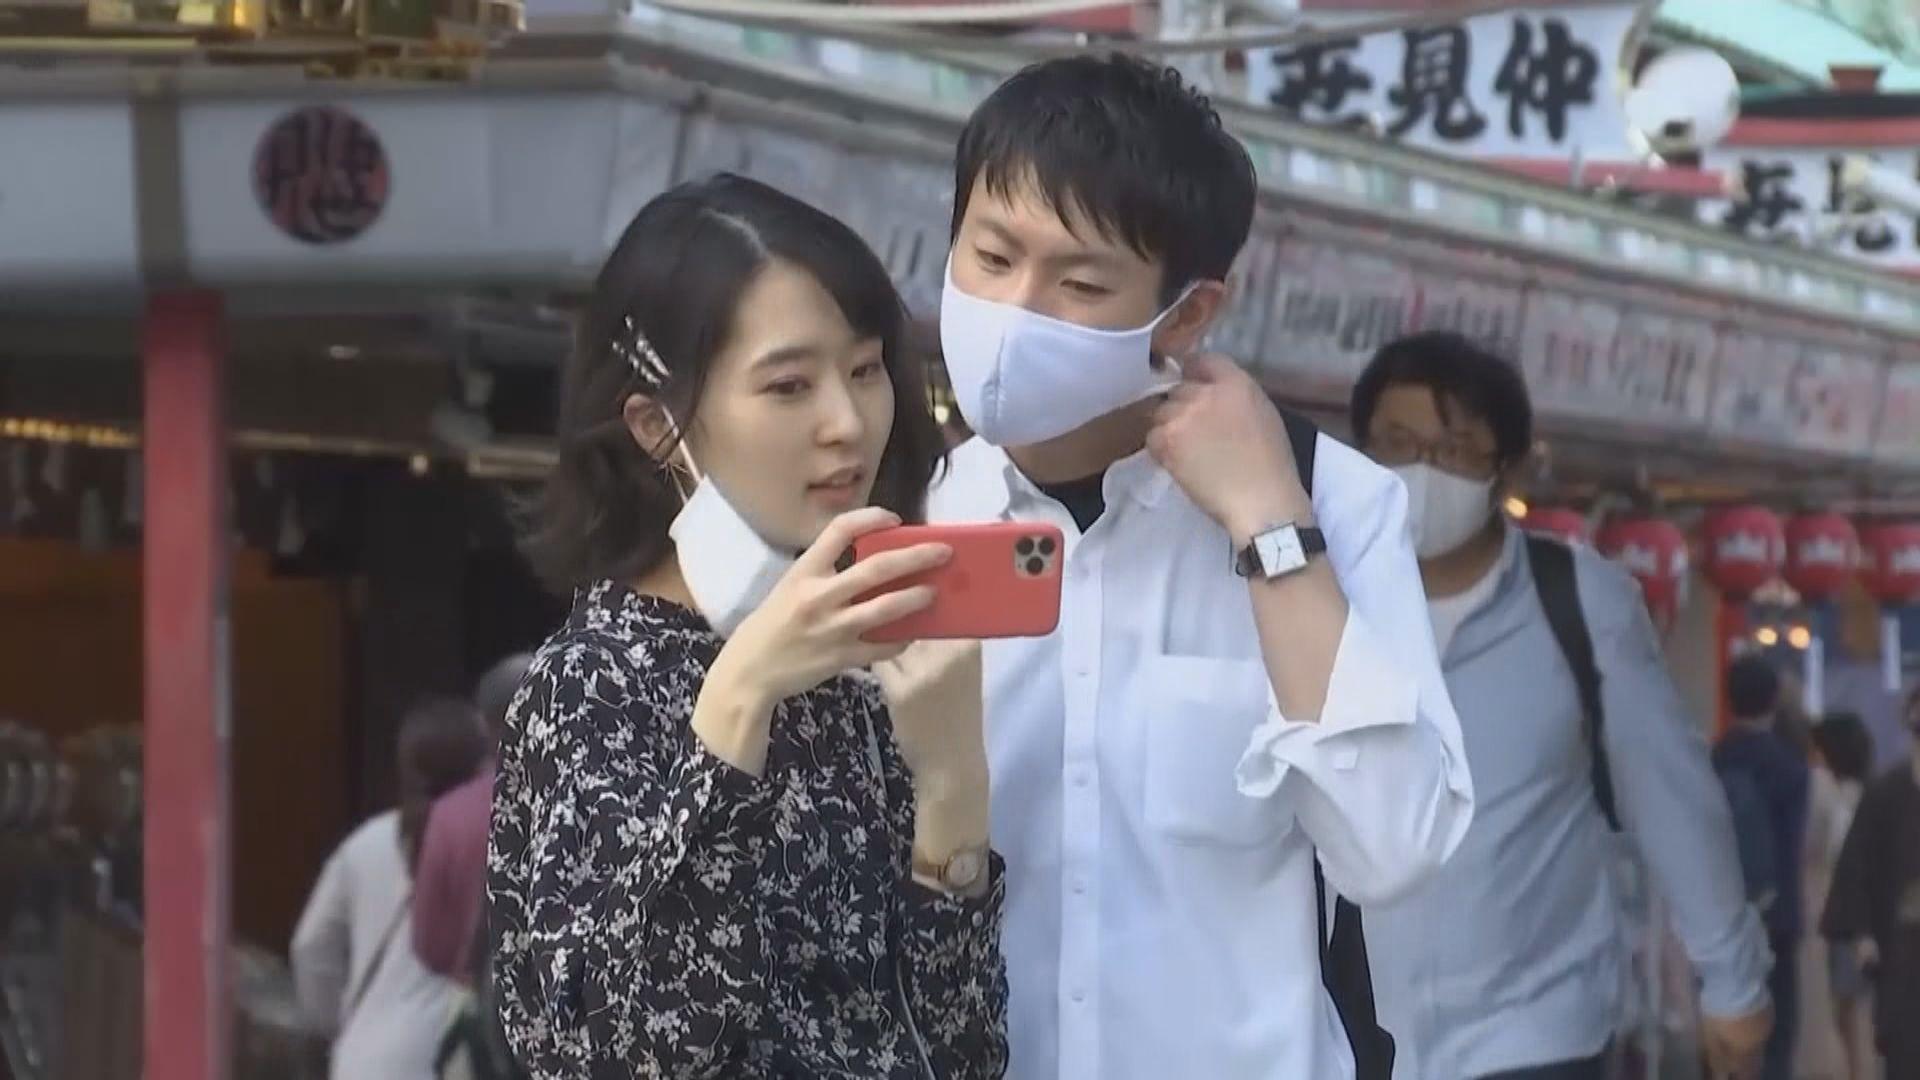 【環球薈報】日撥款20億日圓資助AI配對婚姻